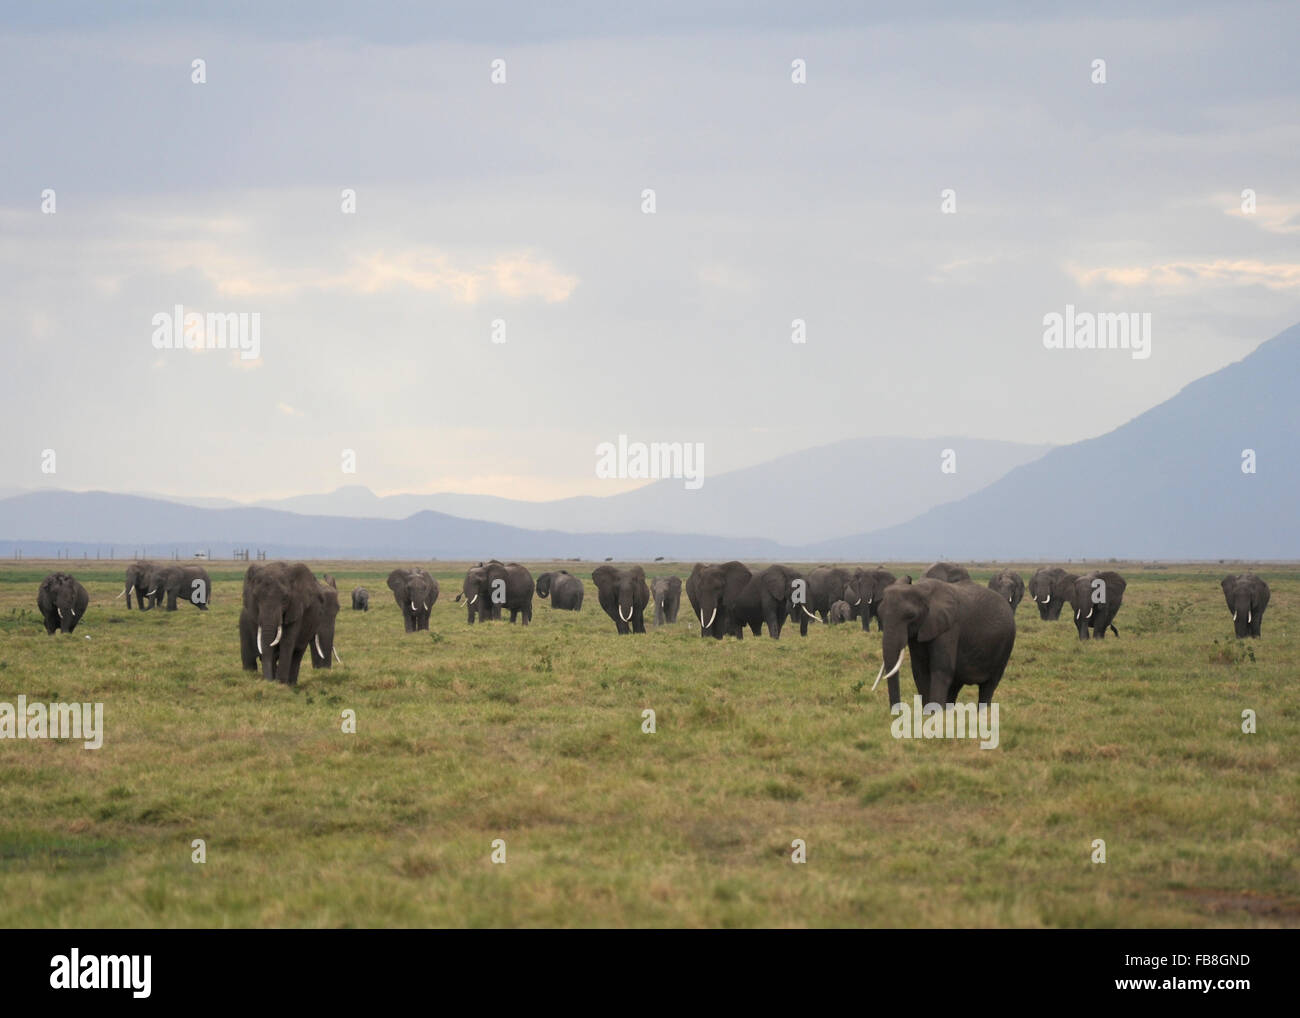 Herd of Elephants Amboseli National Park Kenya - Stock Image